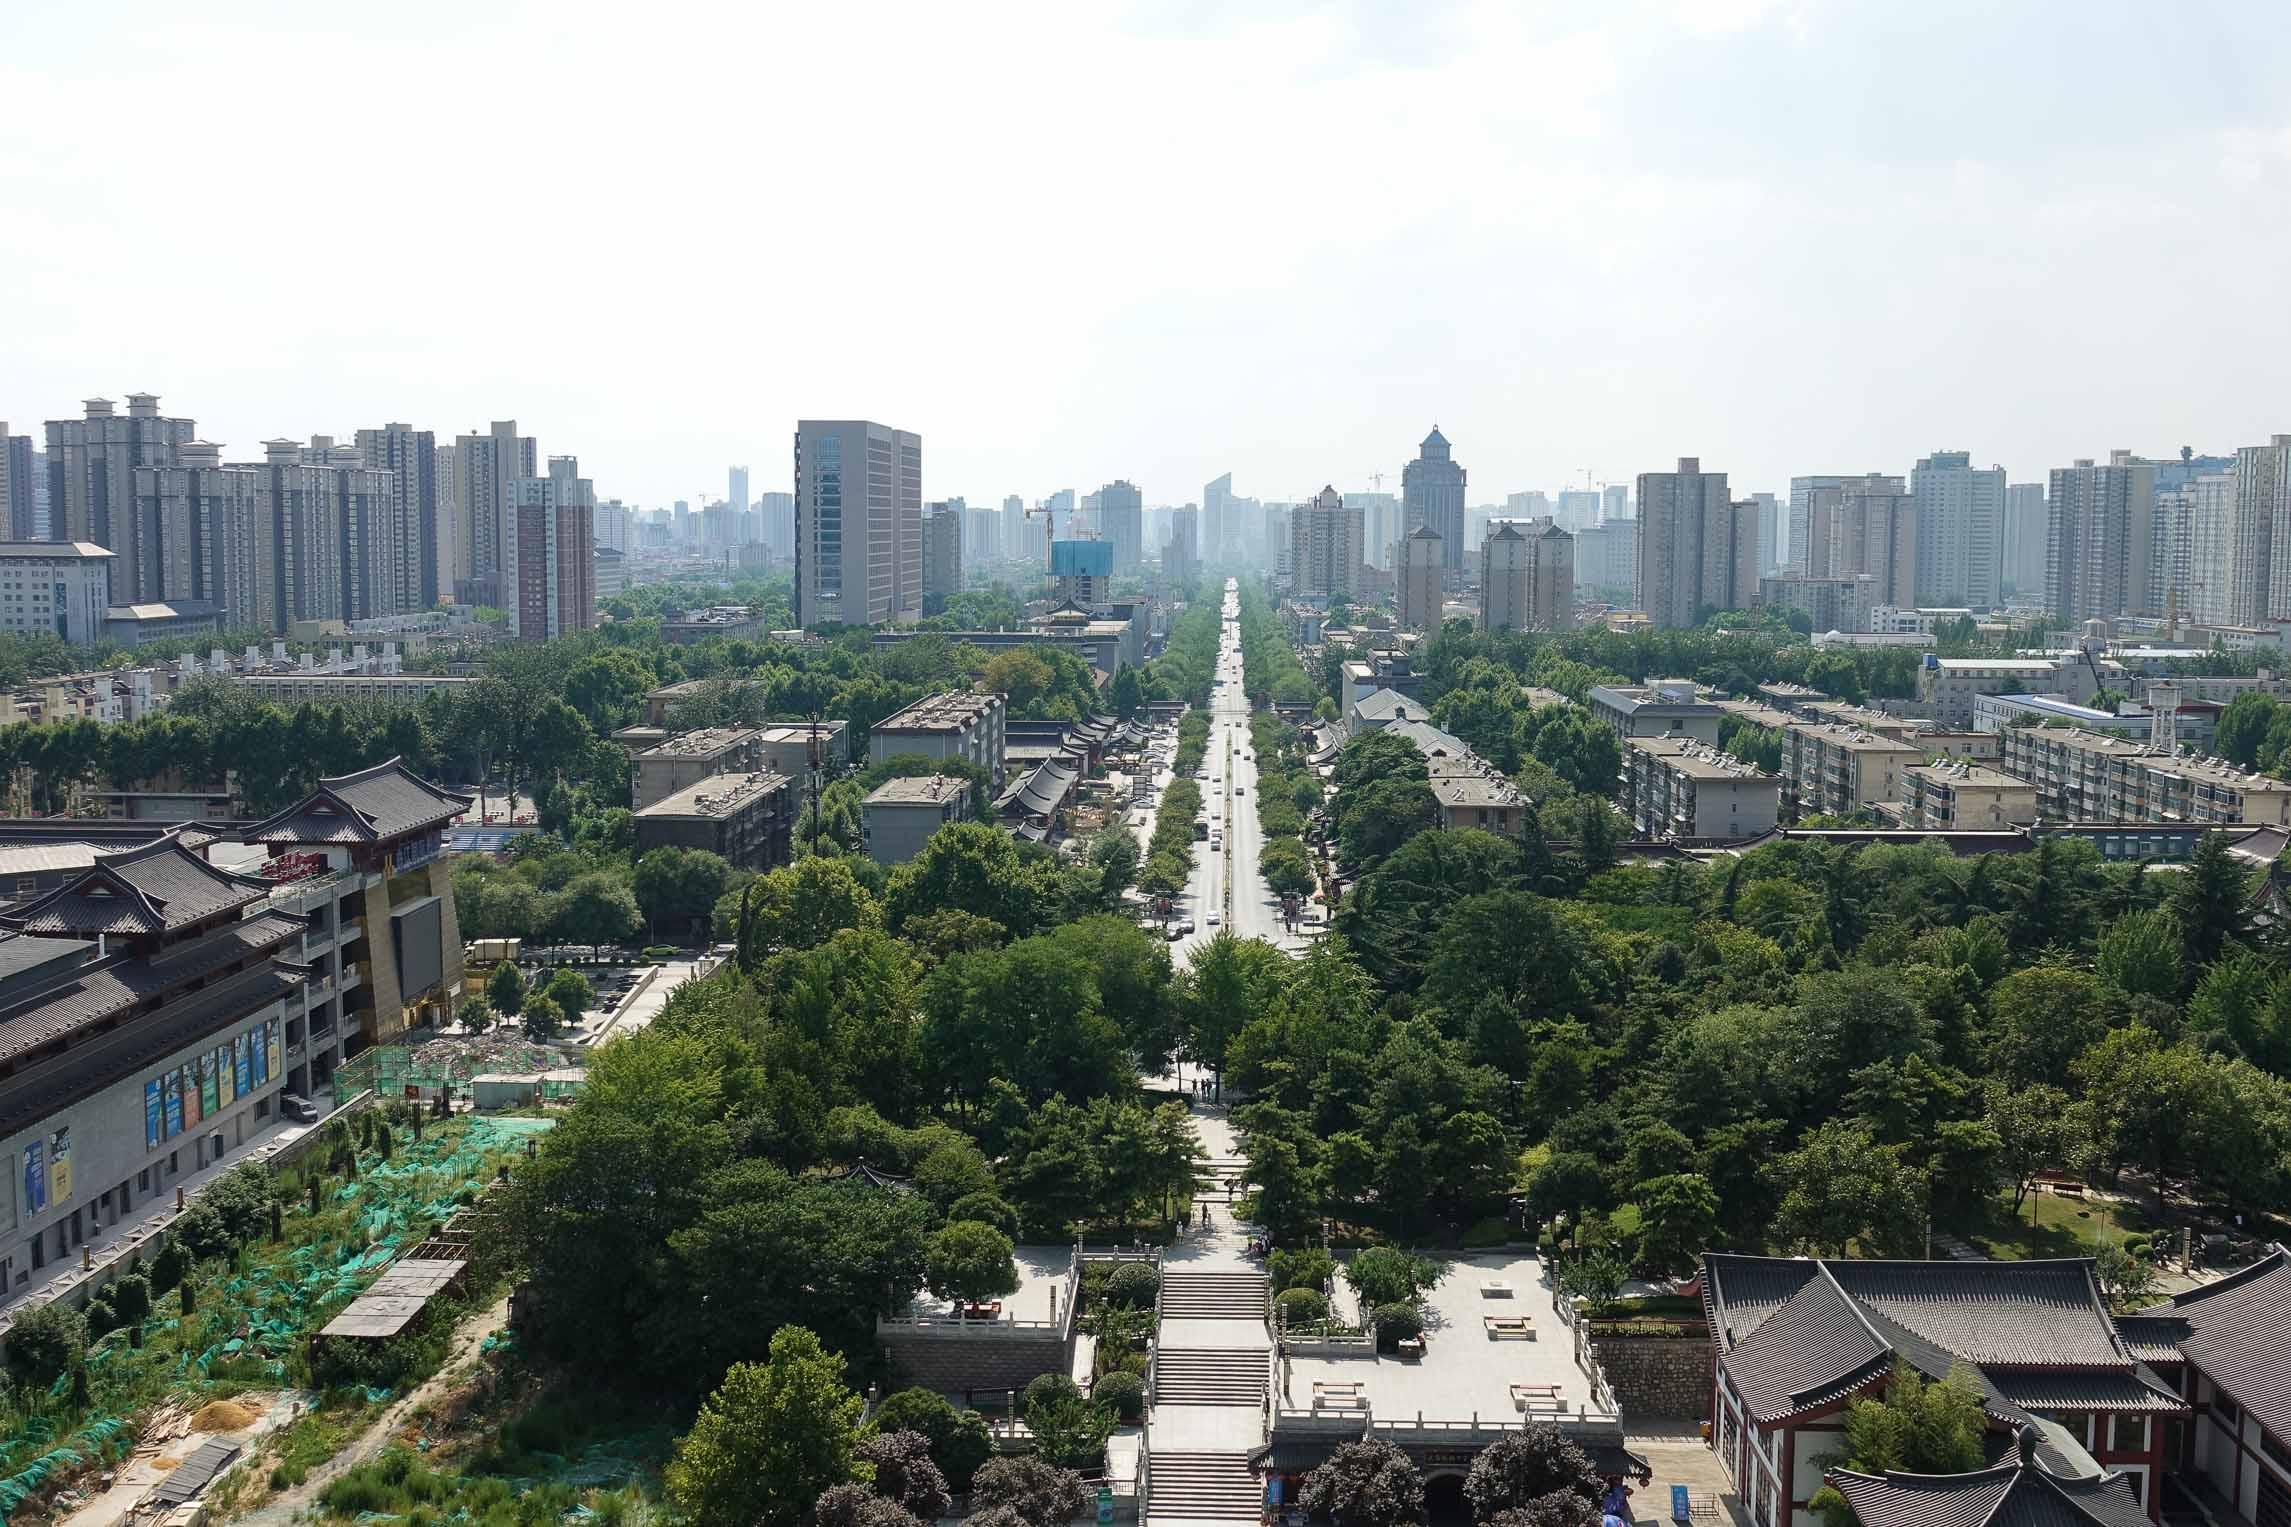 West Xi'an